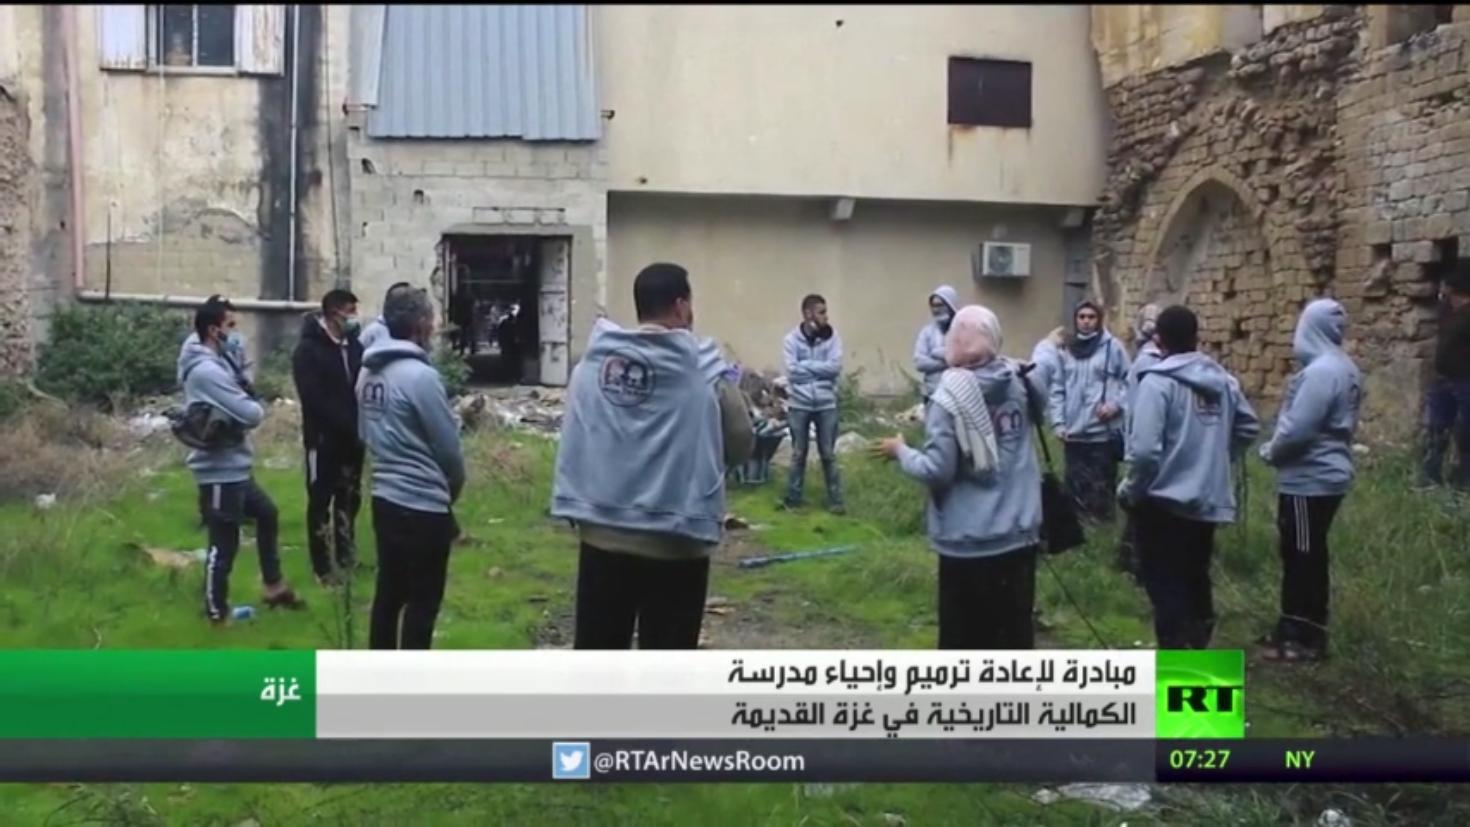 مبادرة لإعادة الحياة إلى مدرسة أثرية في غزة